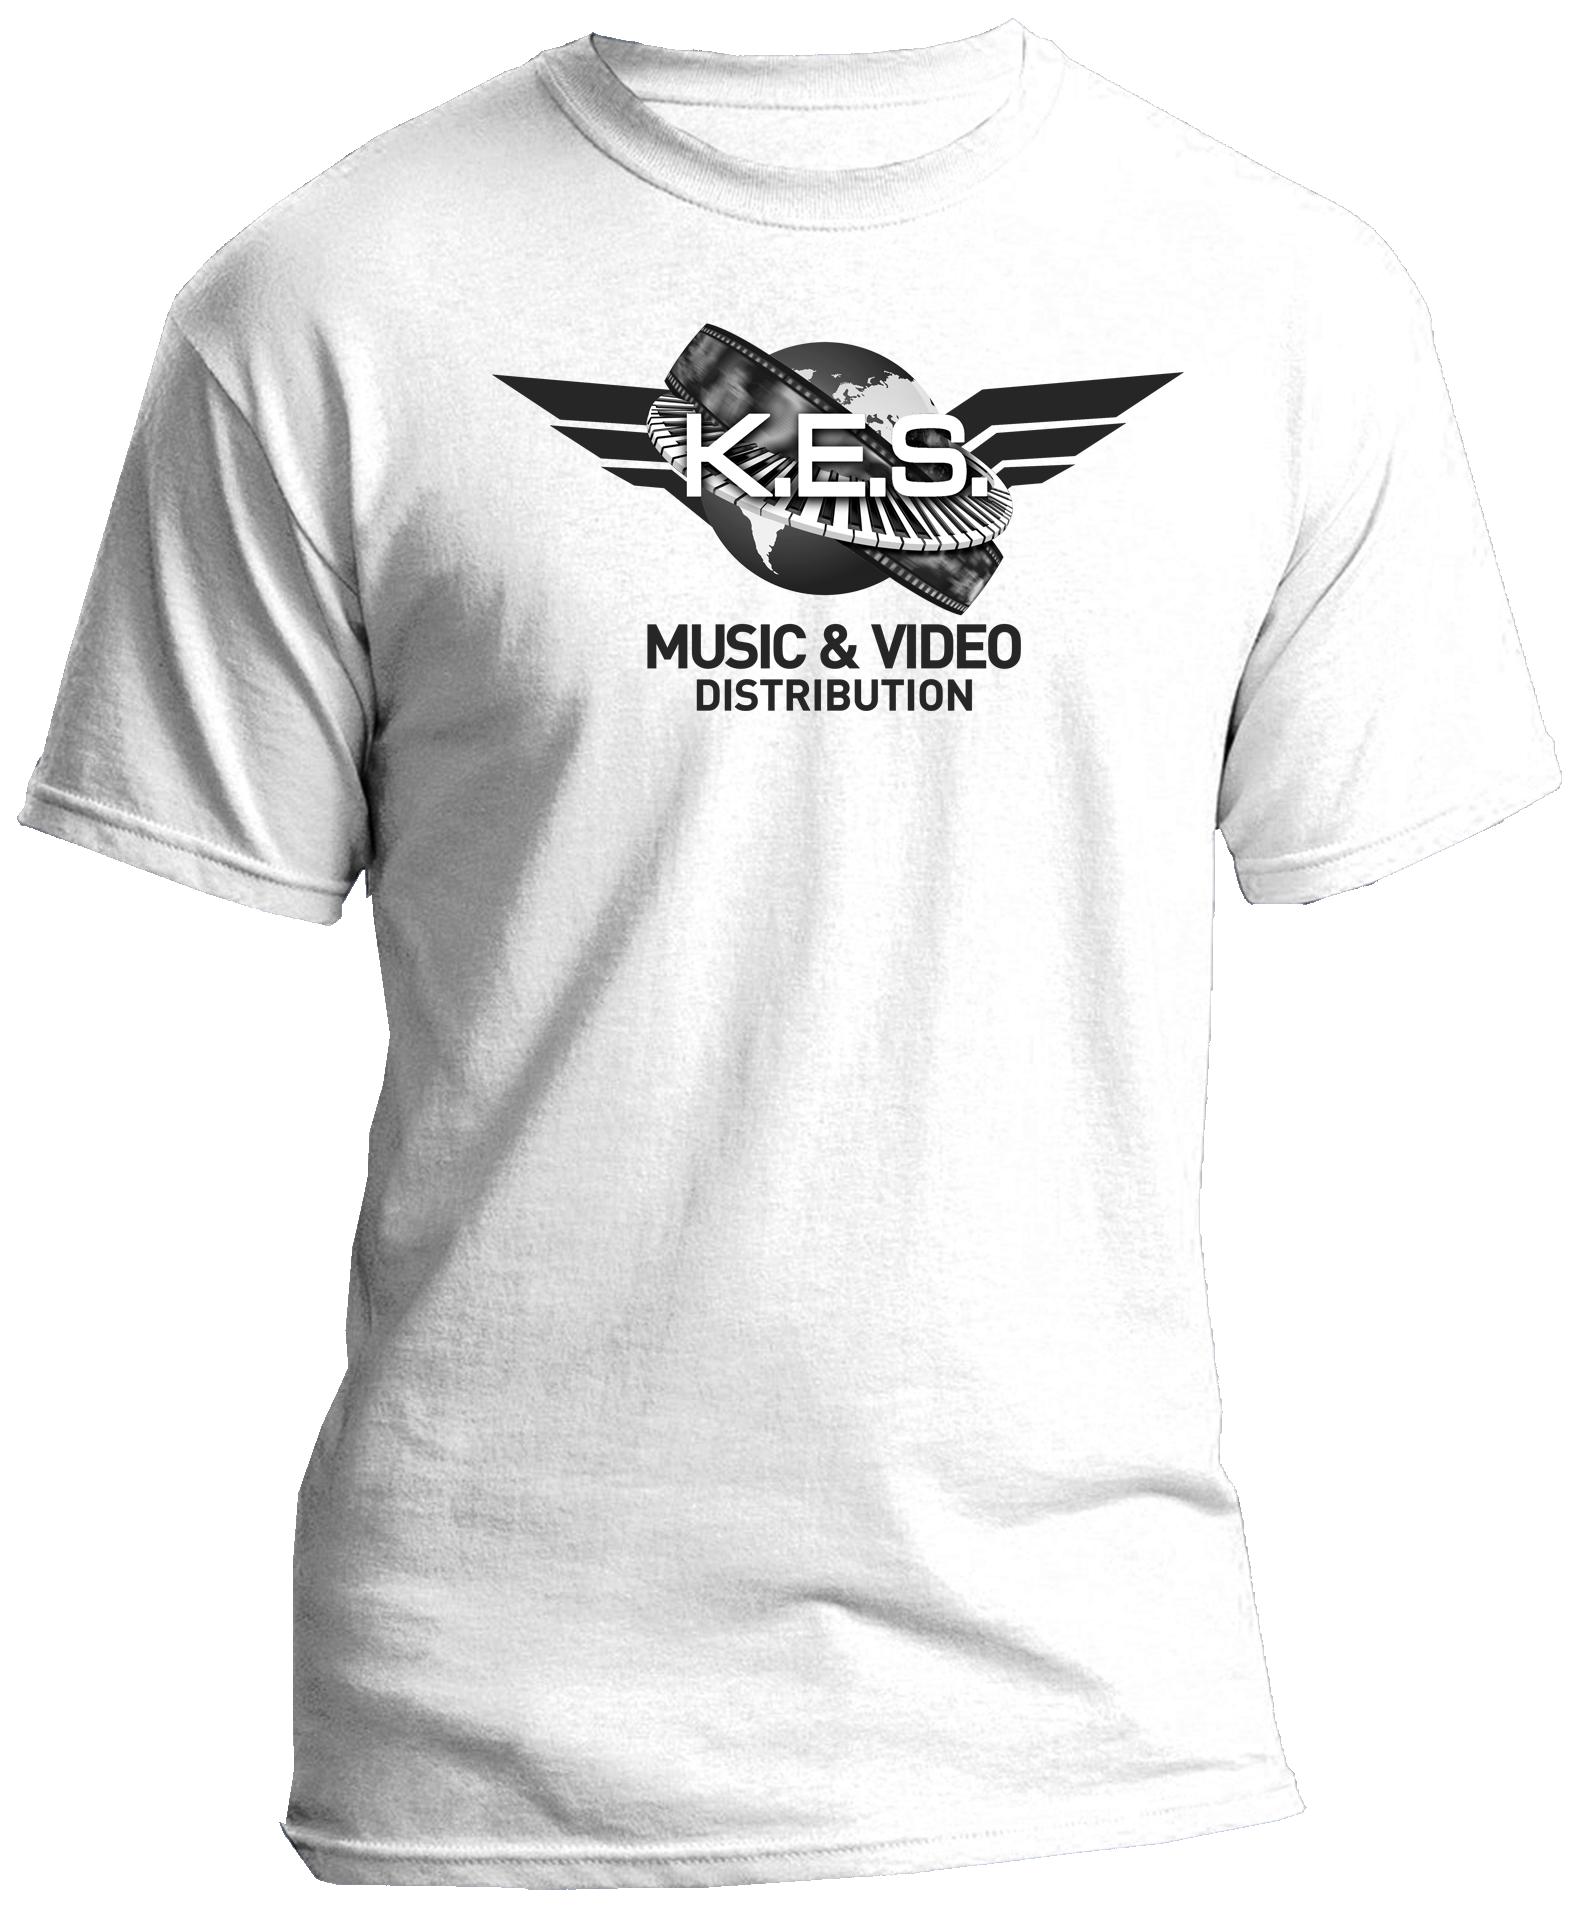 KES Network B&W Logo on White Tee